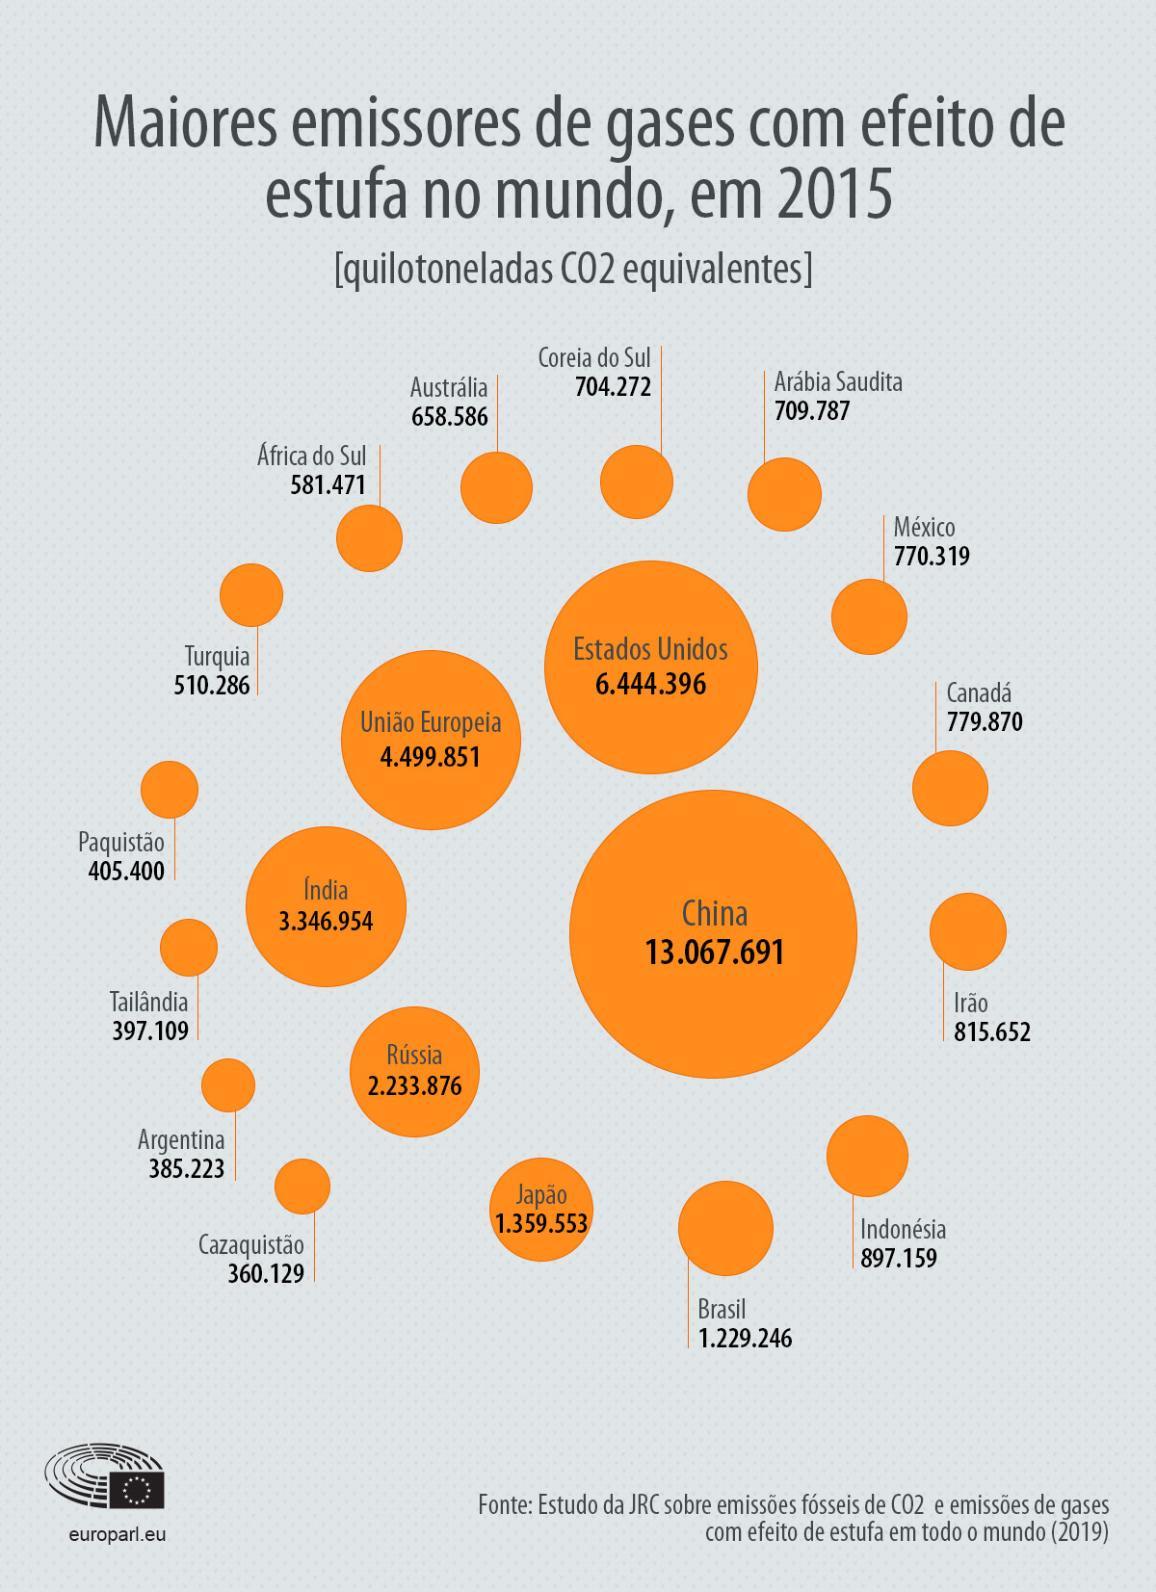 Infografia: emissores de gases com efeito de estufa em 2015